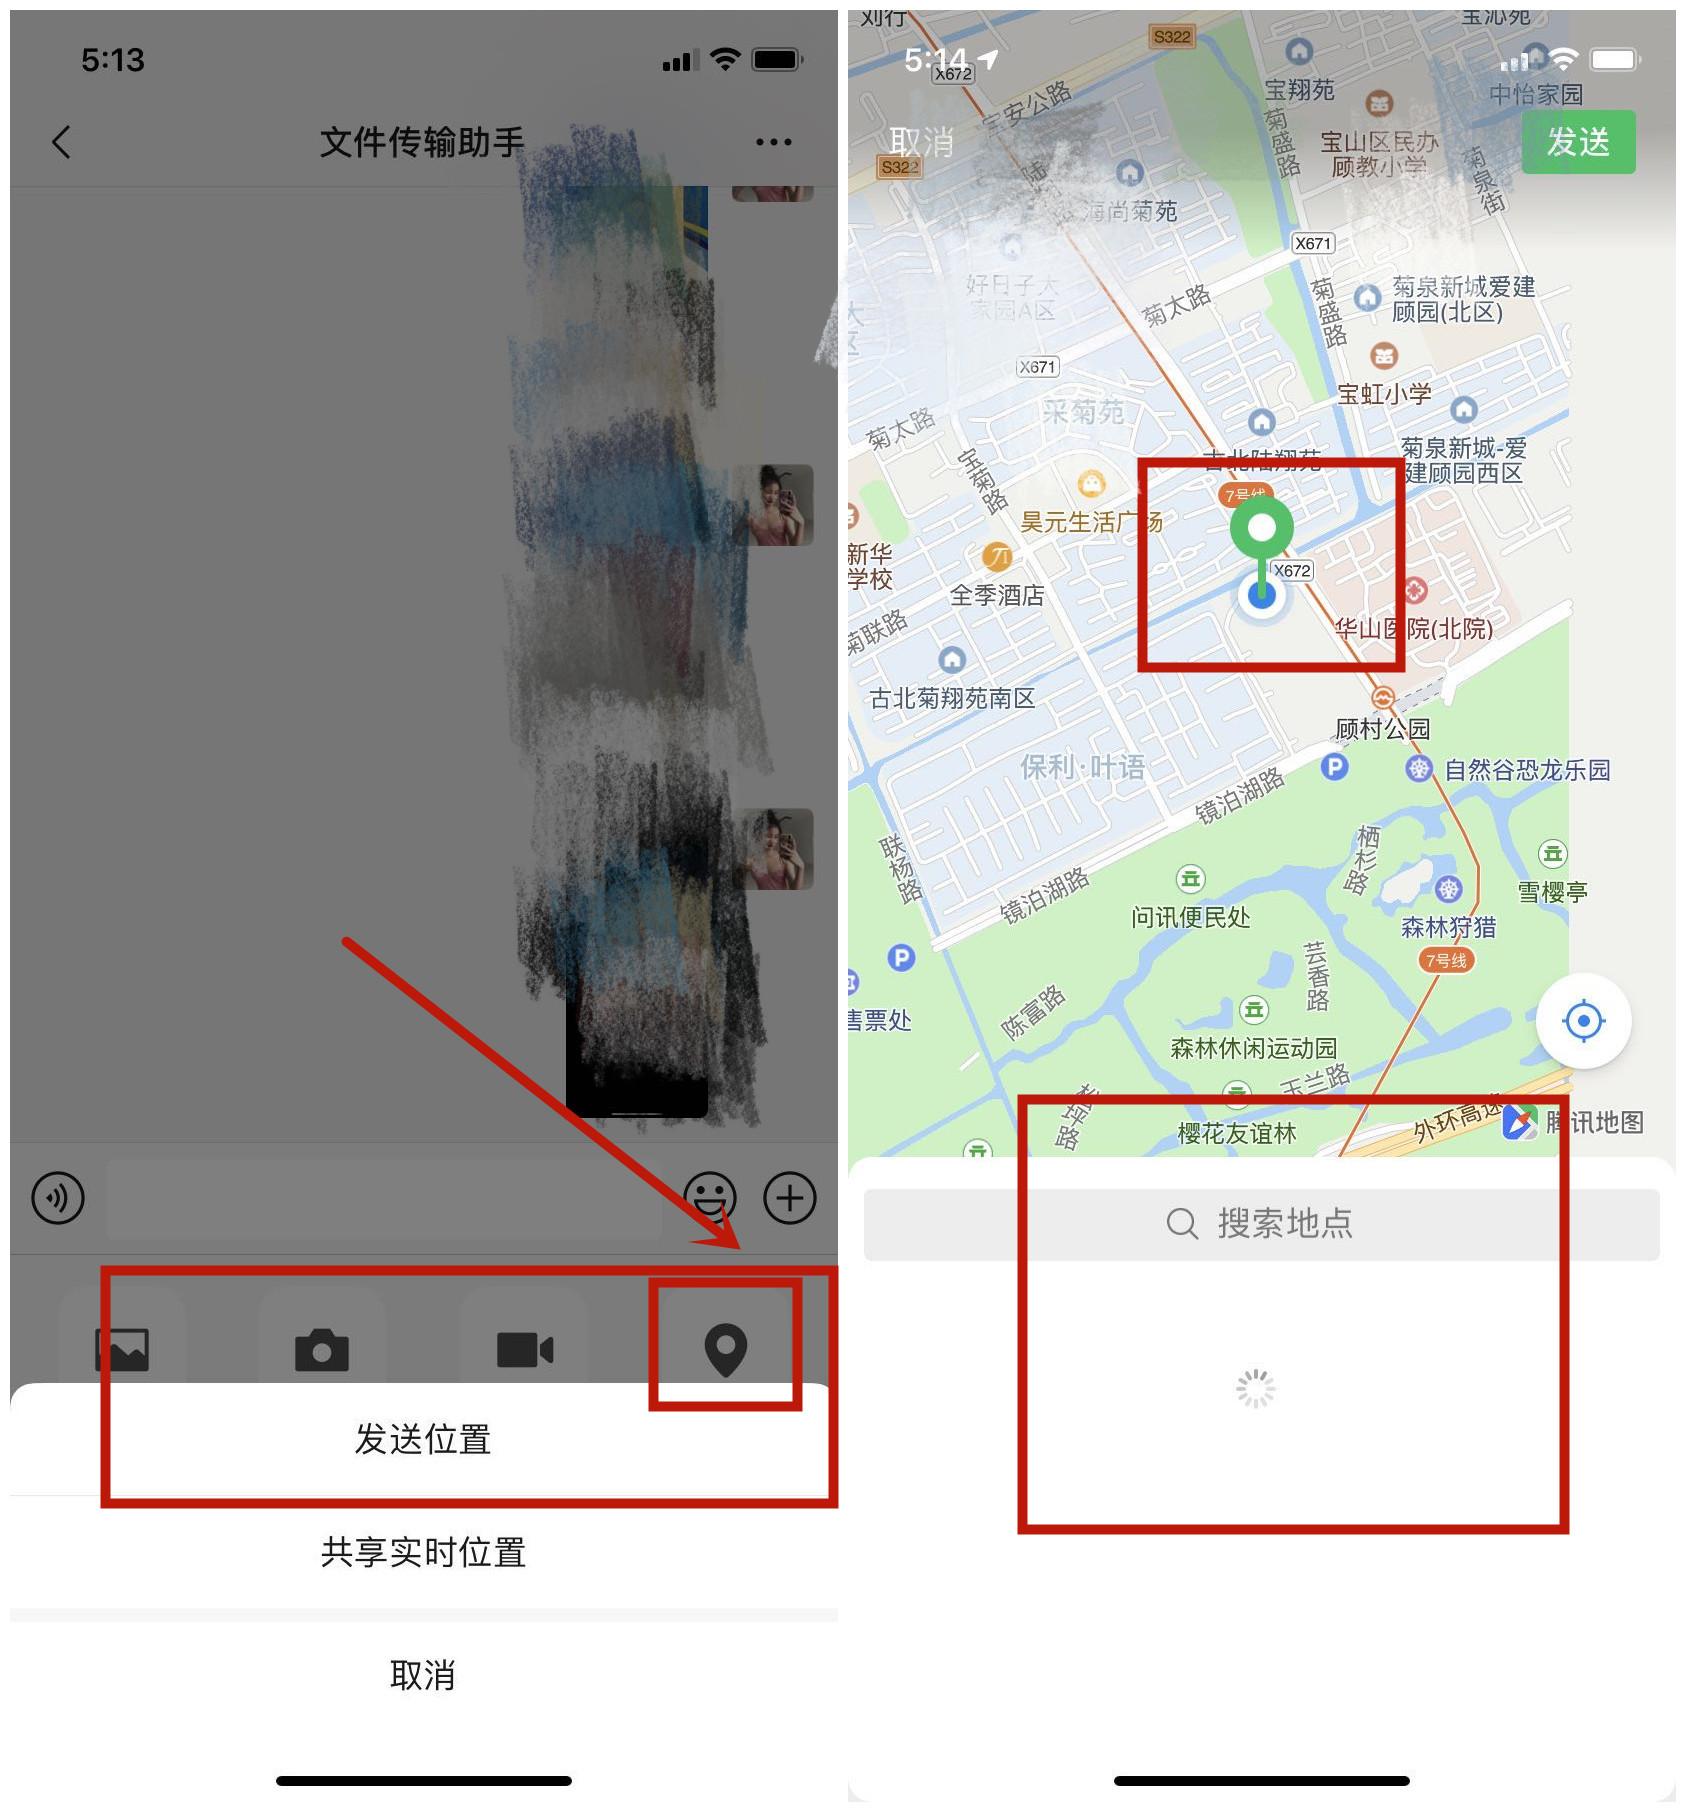 微信自带定位功能,按一下就清楚对方位置,还能知道哪儿人多